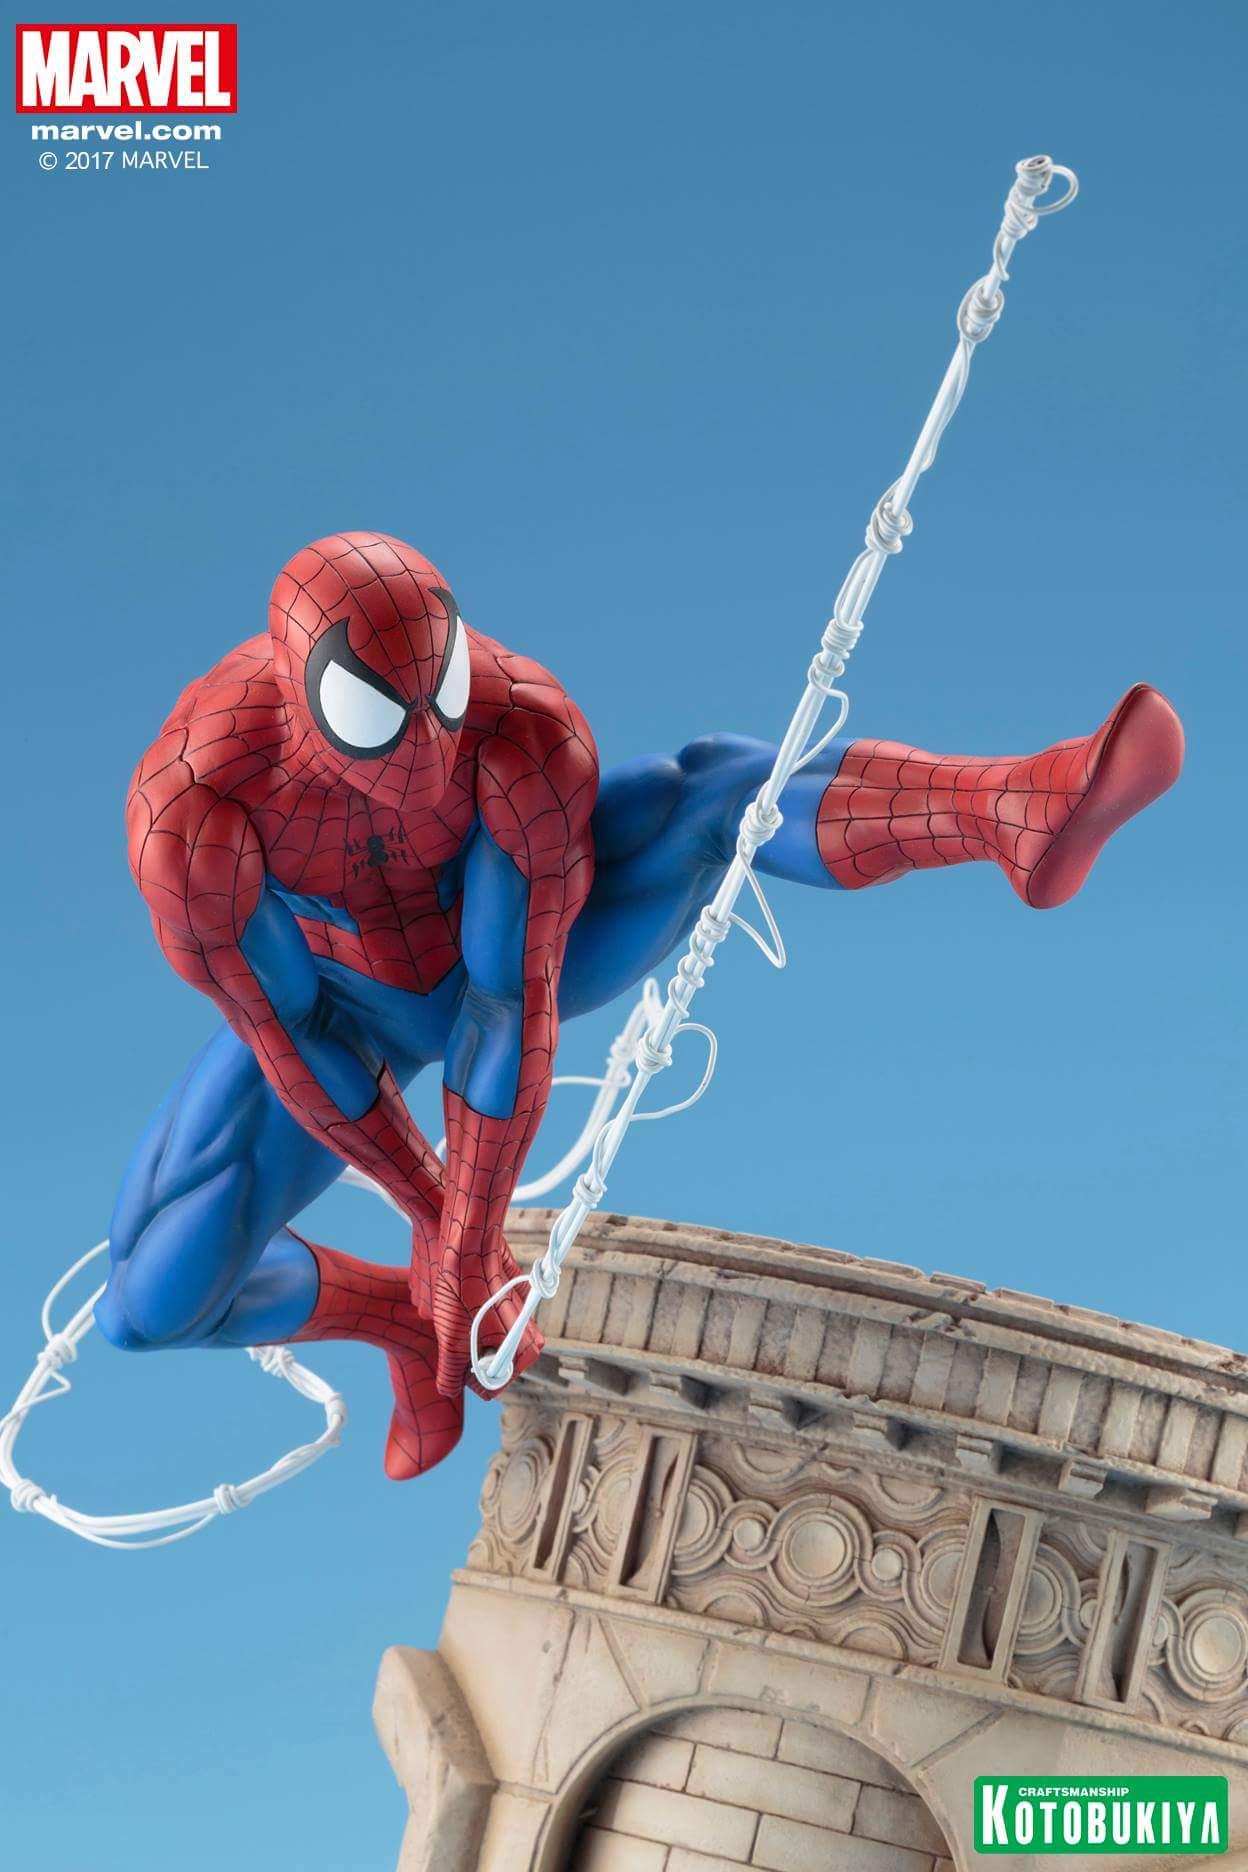 Kotobukiya: Spider-Man webslinger ARTFX 1/6 scale statue